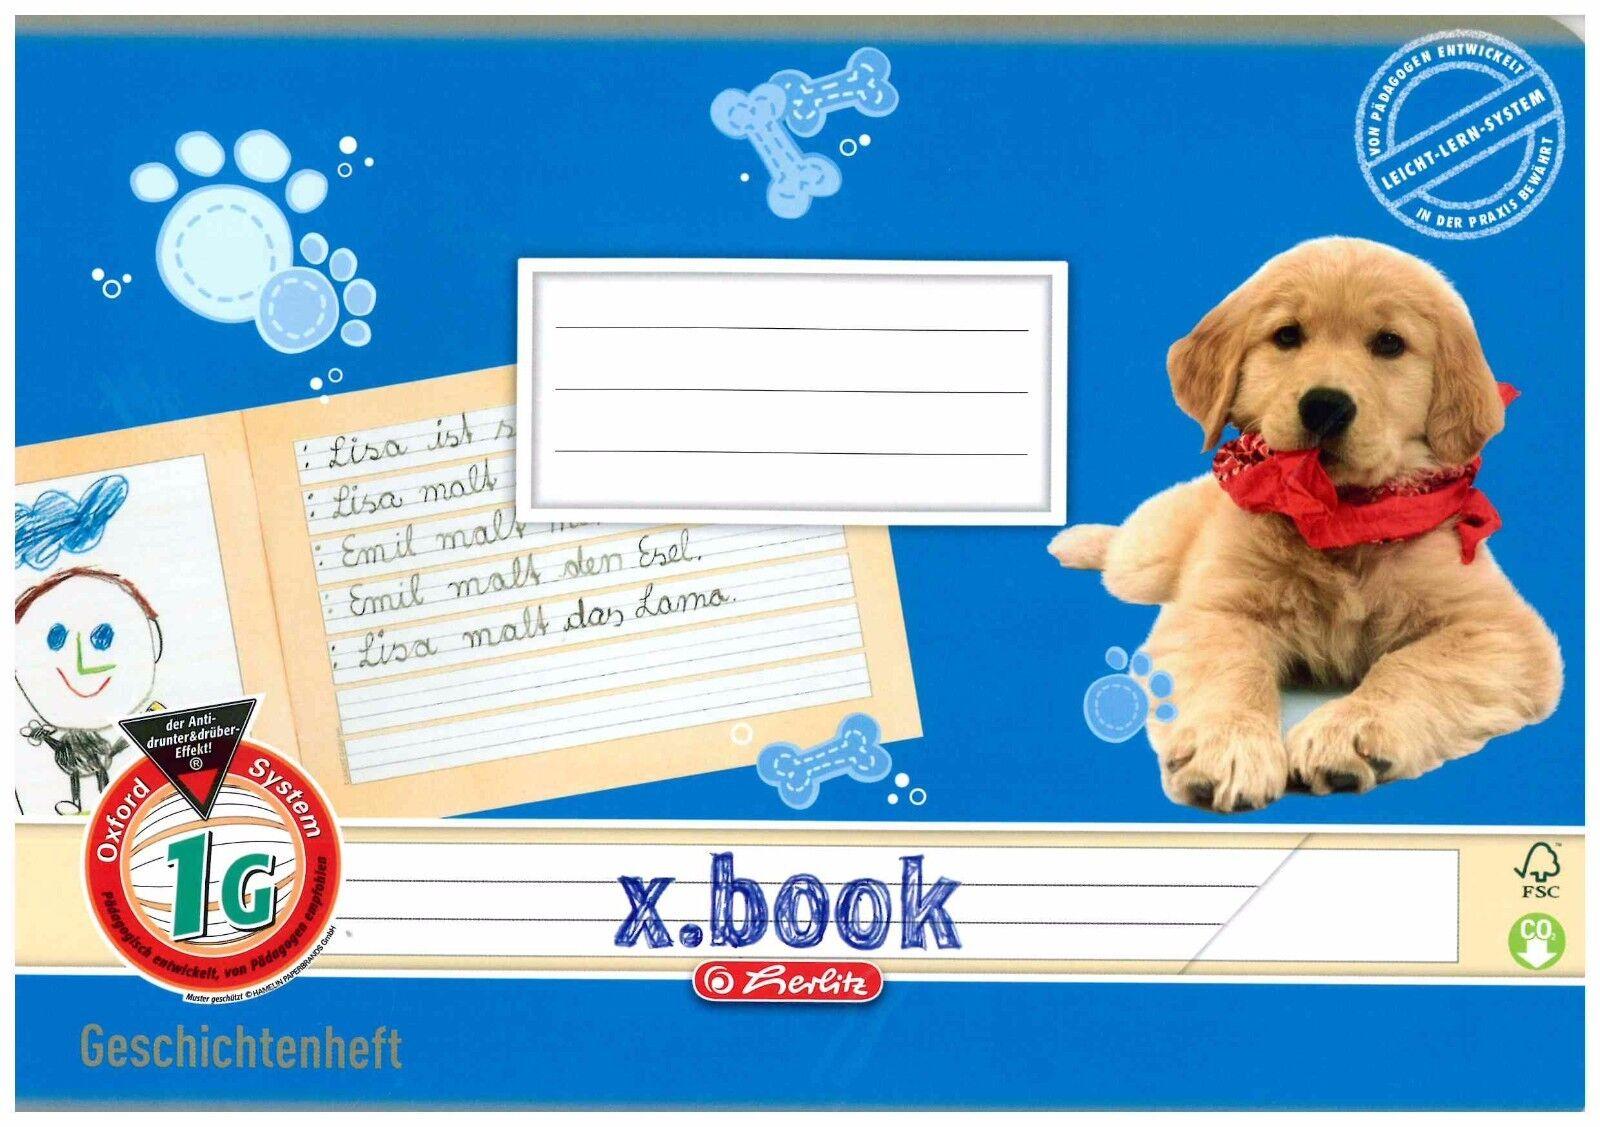 herlitz Geschichtenheft x.book DIN A5 quer Lineatur 1G